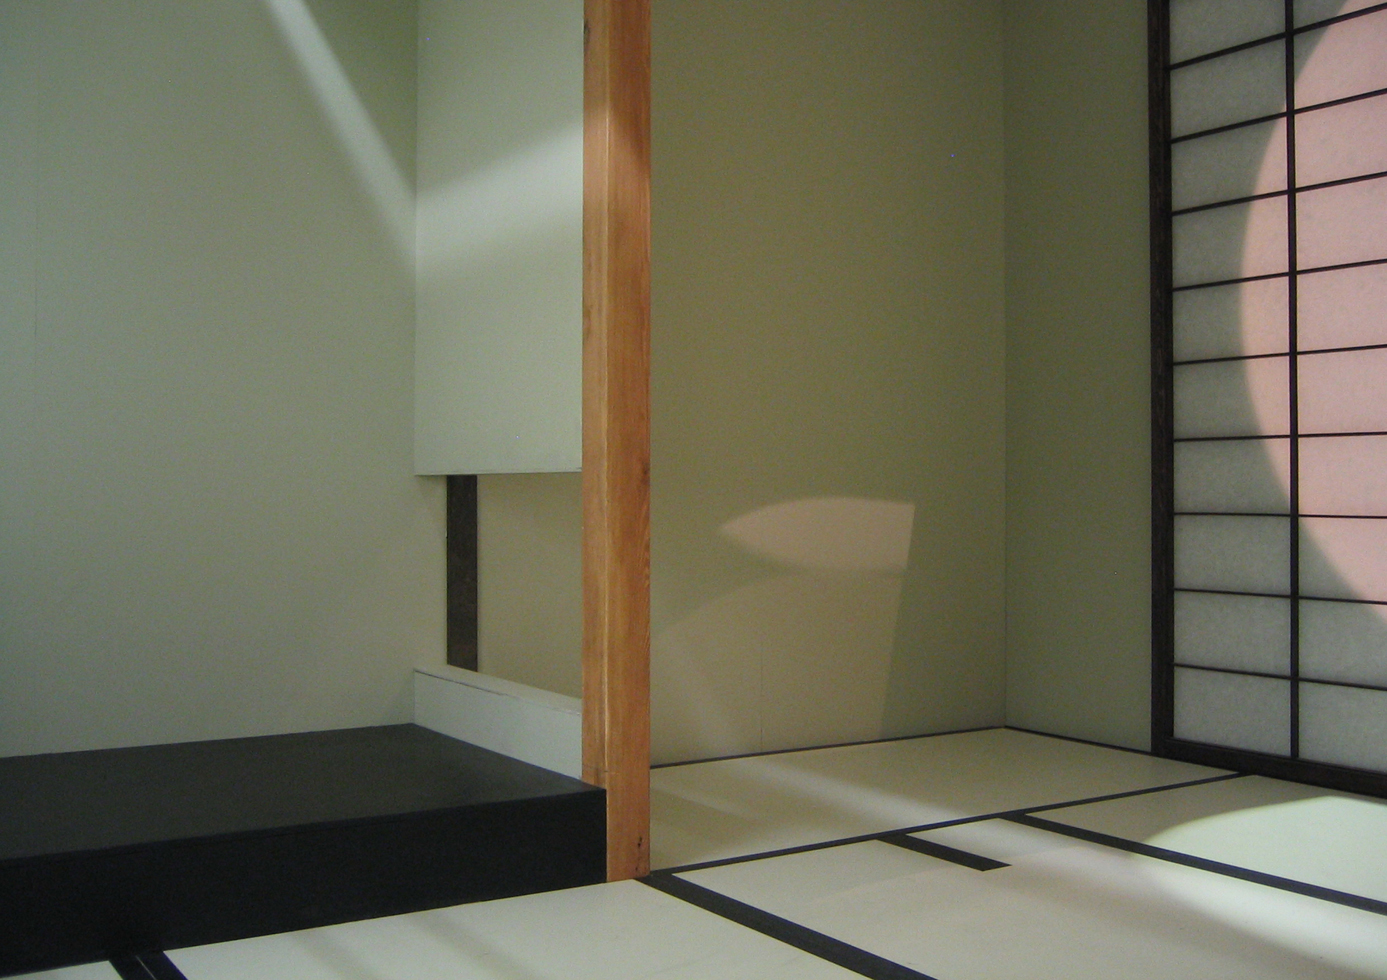 13. Japanese Teahouse Iceland Gudrun Nielsen 2005.jpg